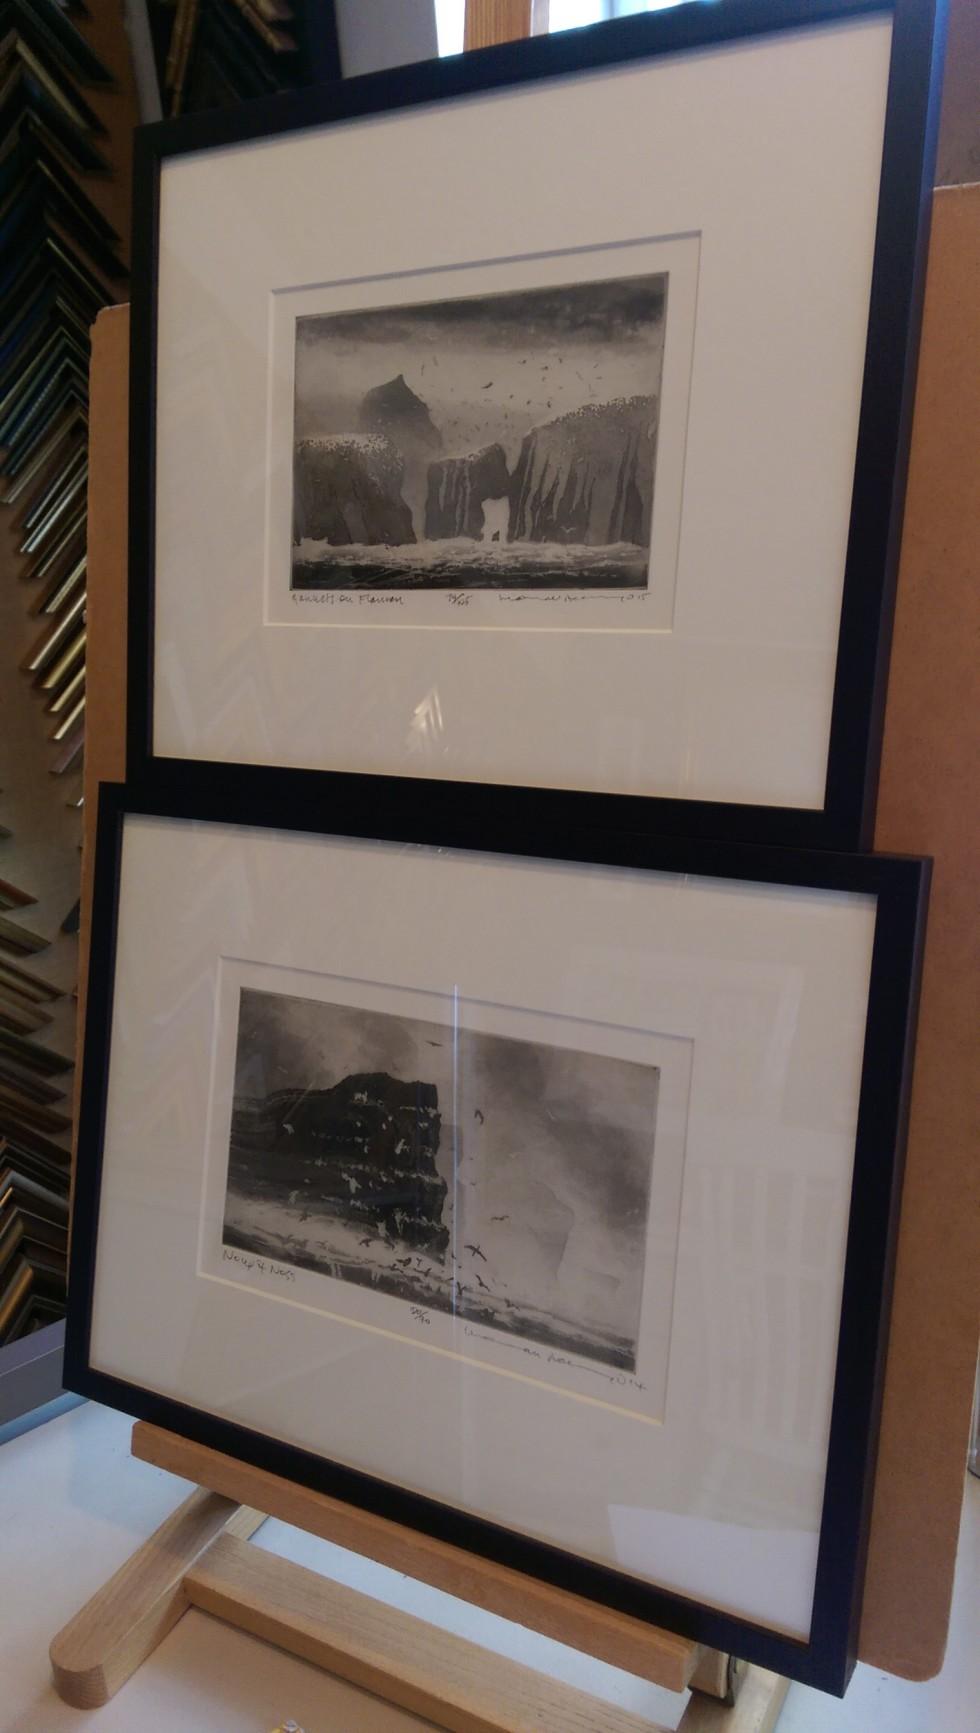 Großartig Bild Framing Mounts Fotos - Bilderrahmen Ideen - szurop.info